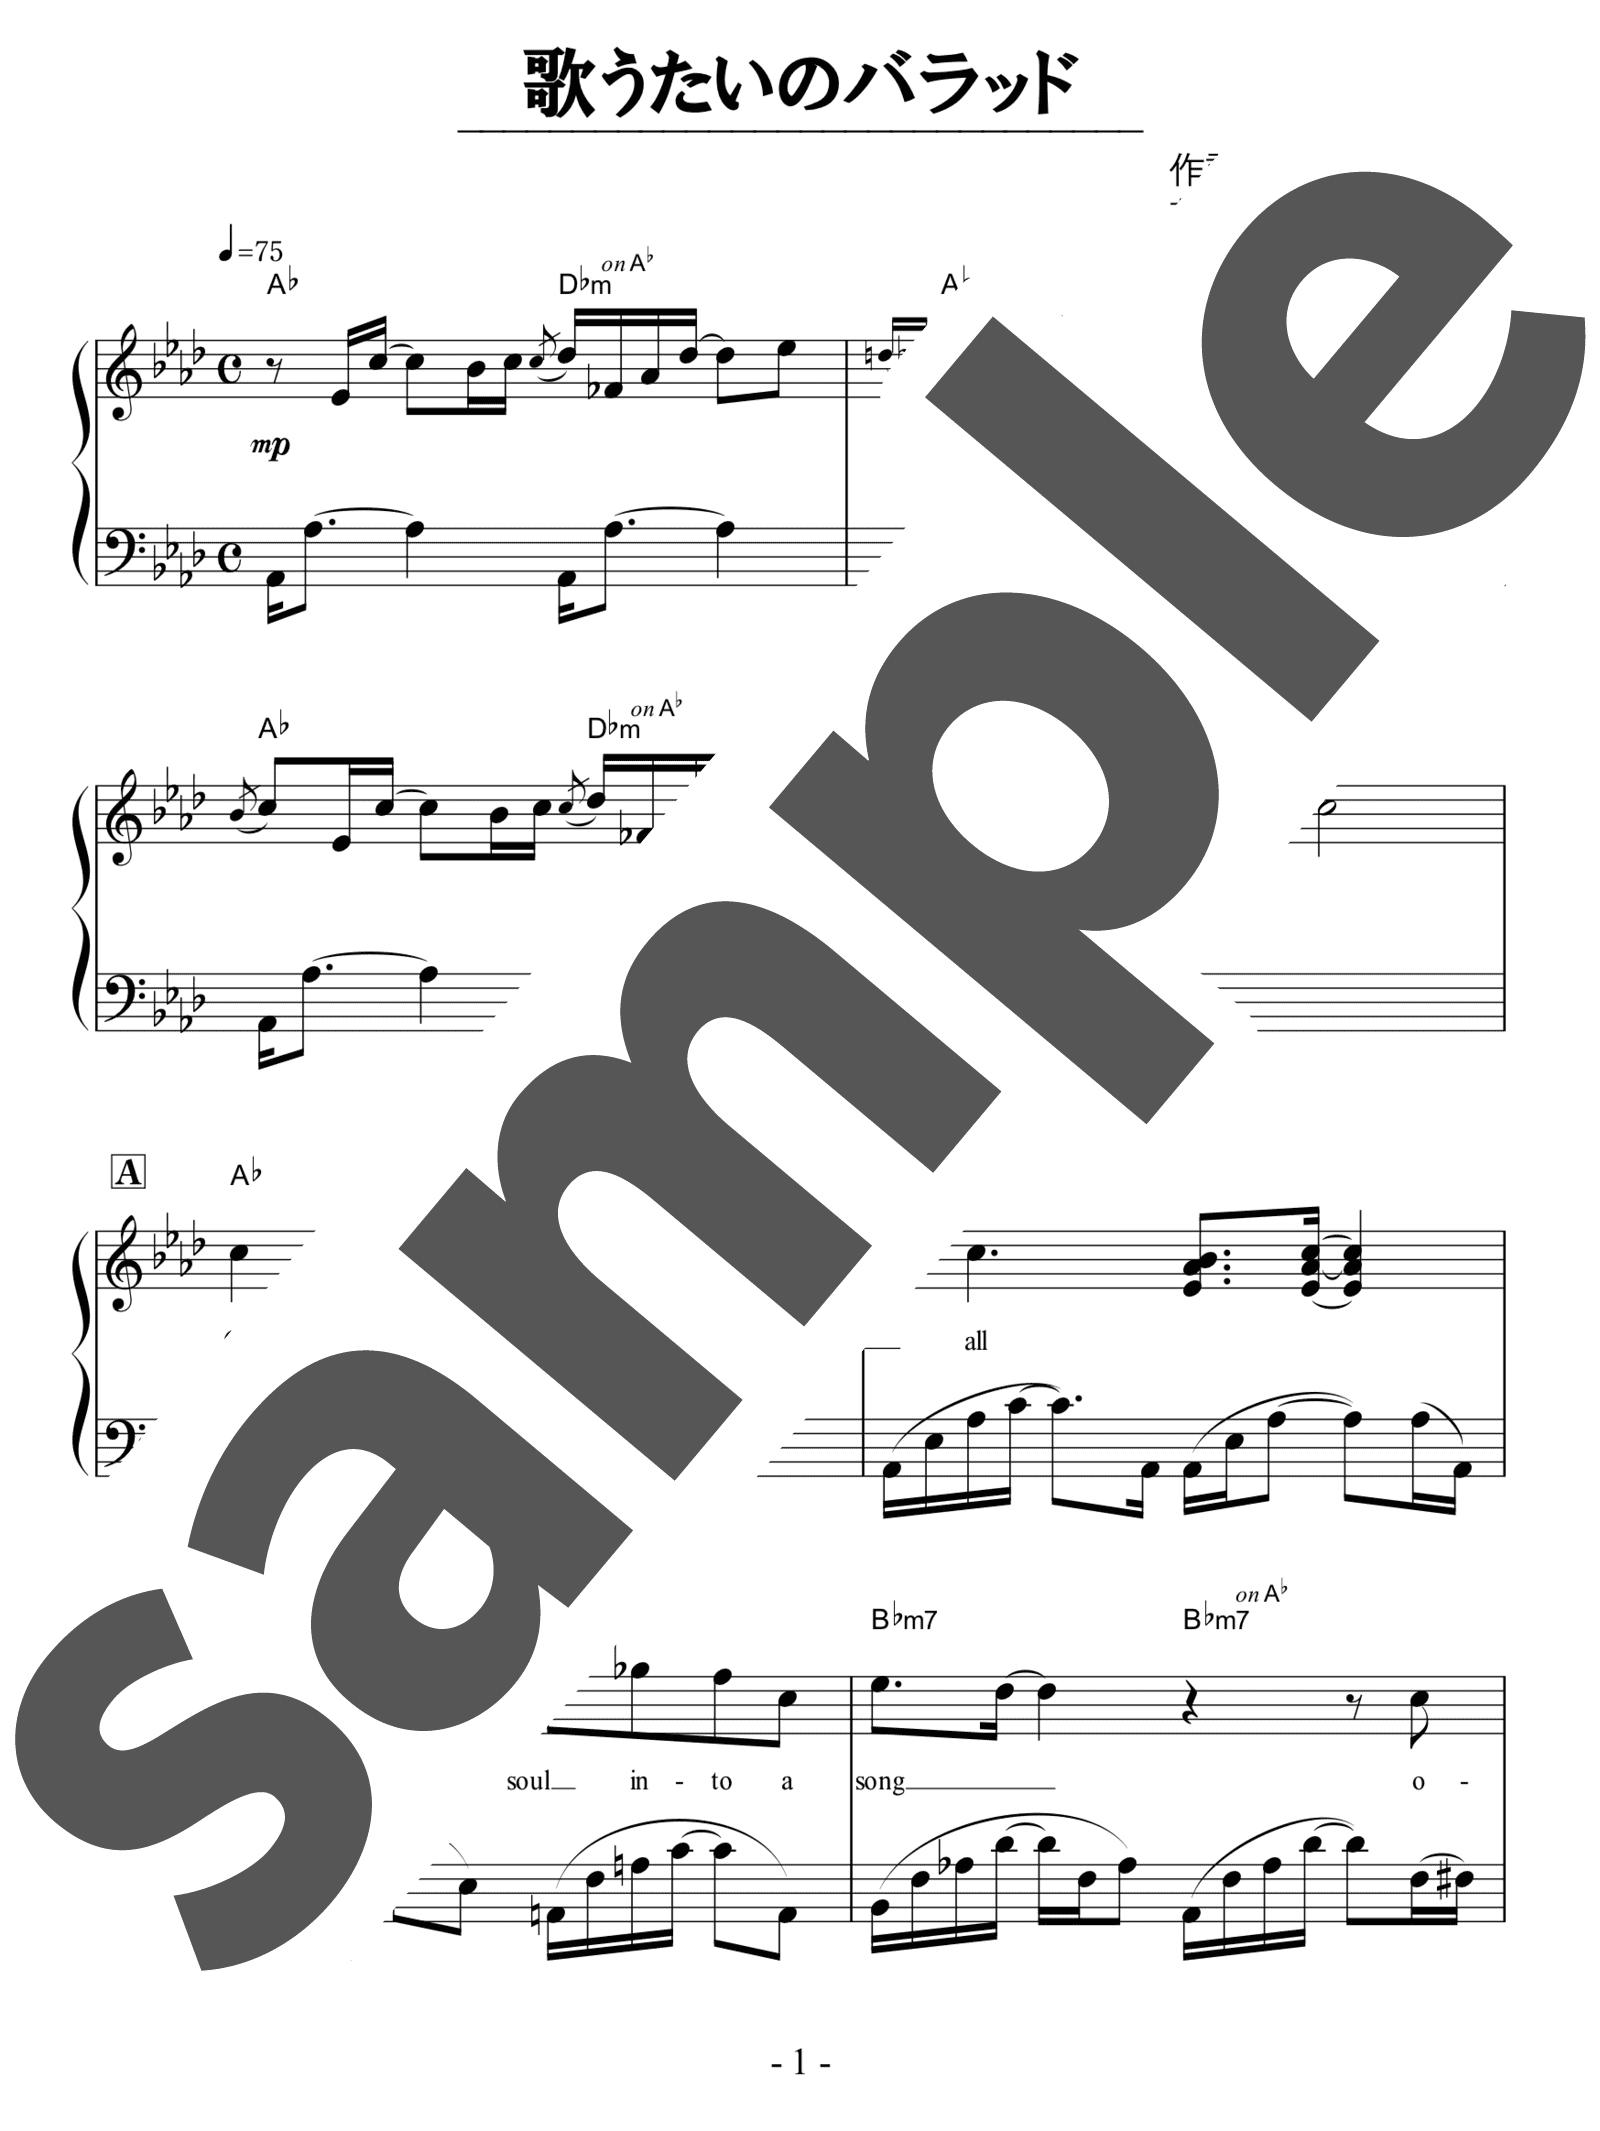 「歌うたいのバラッド」のサンプル楽譜